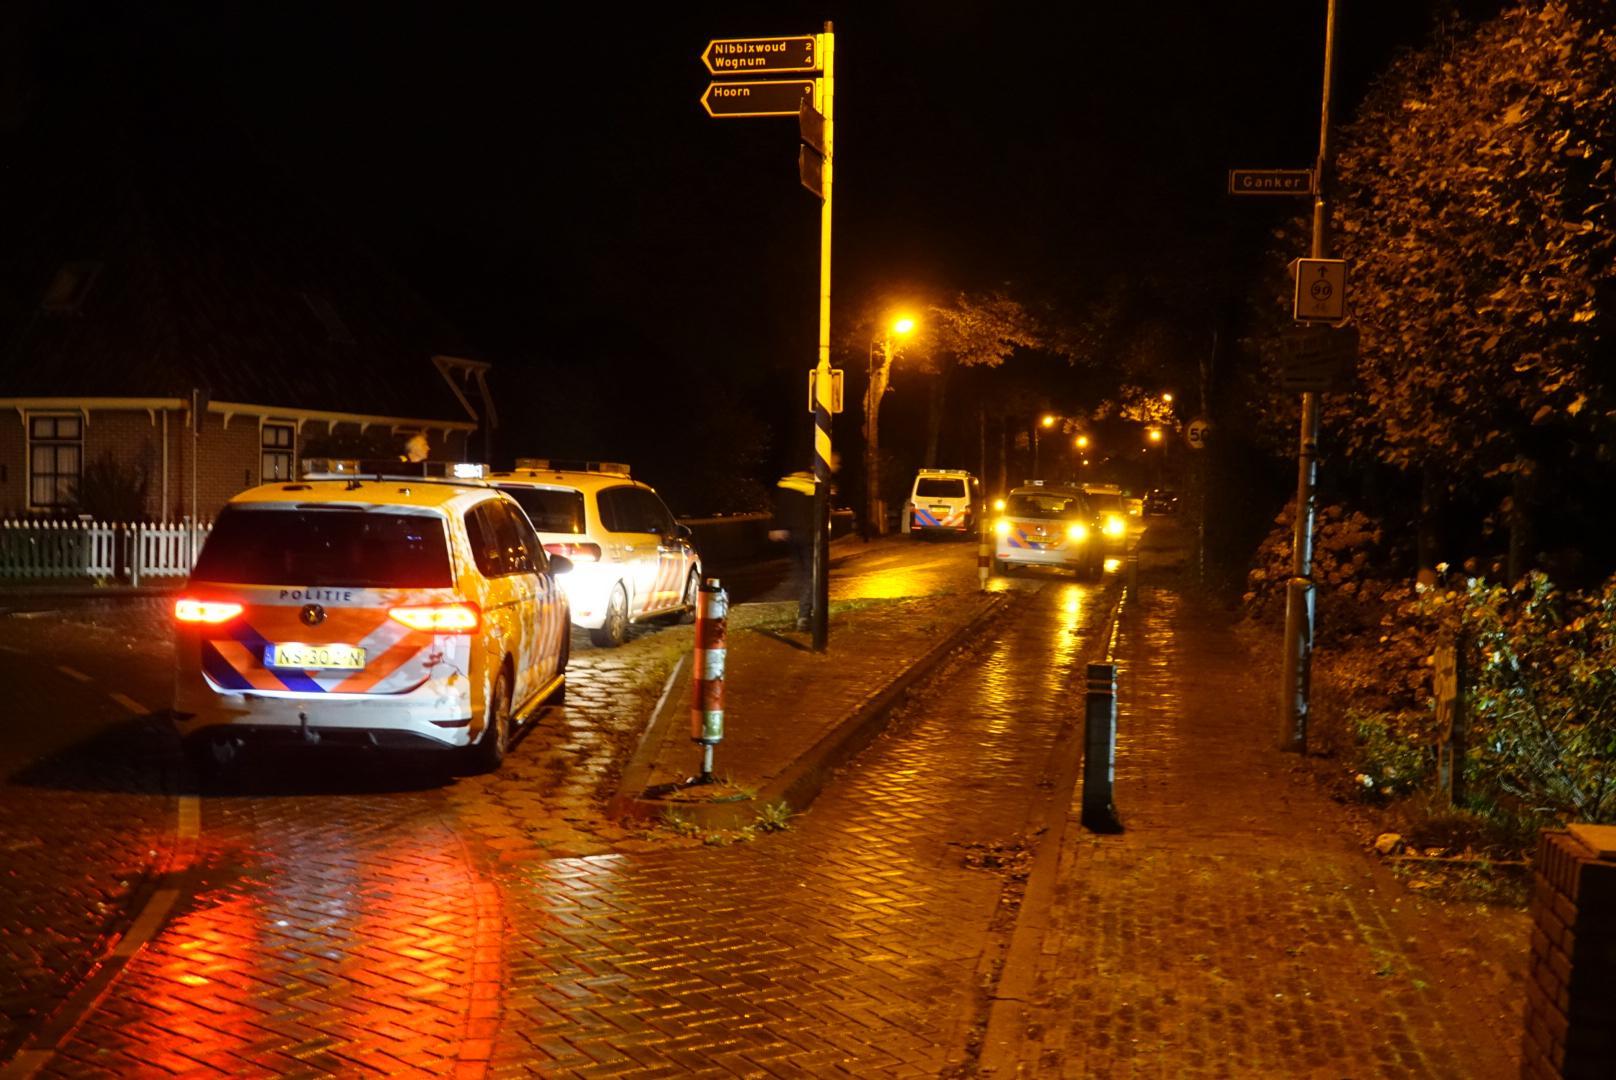 Woningoverval in Benningbroek, slachtoffer naar ziekenhuis [update]